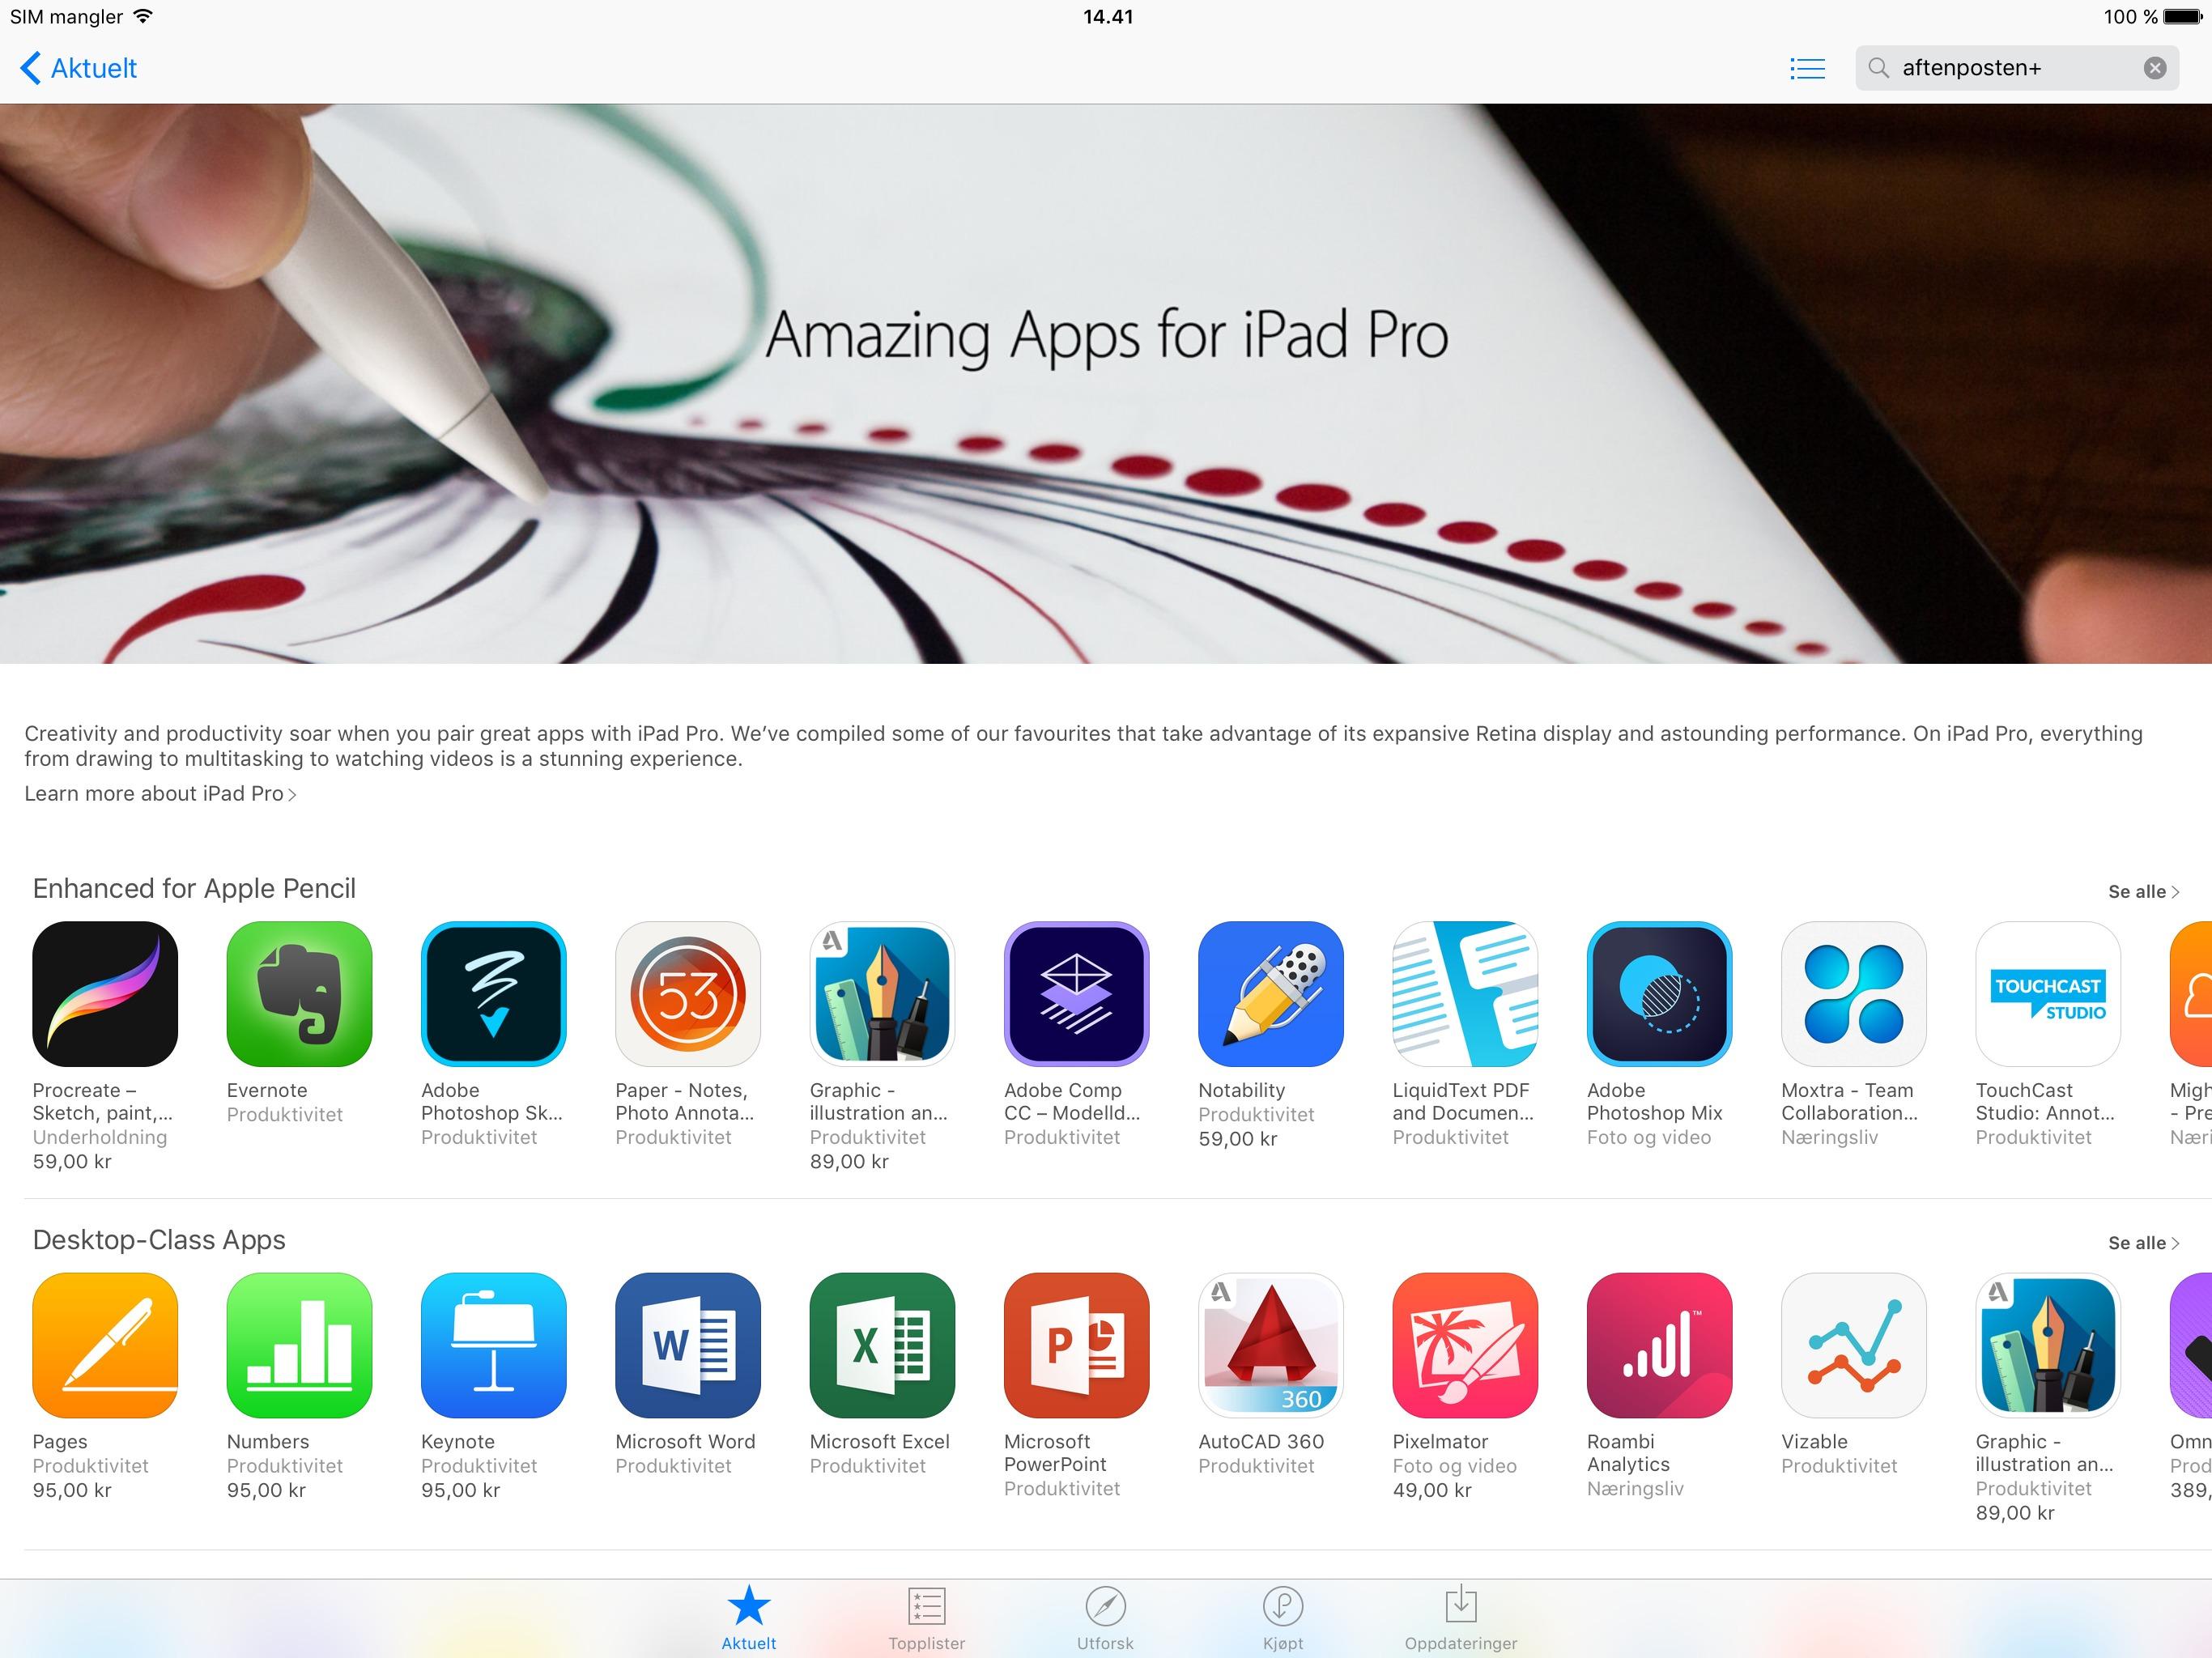 Utviklere tror det kan bli vanskelig med gode apper på App Store.